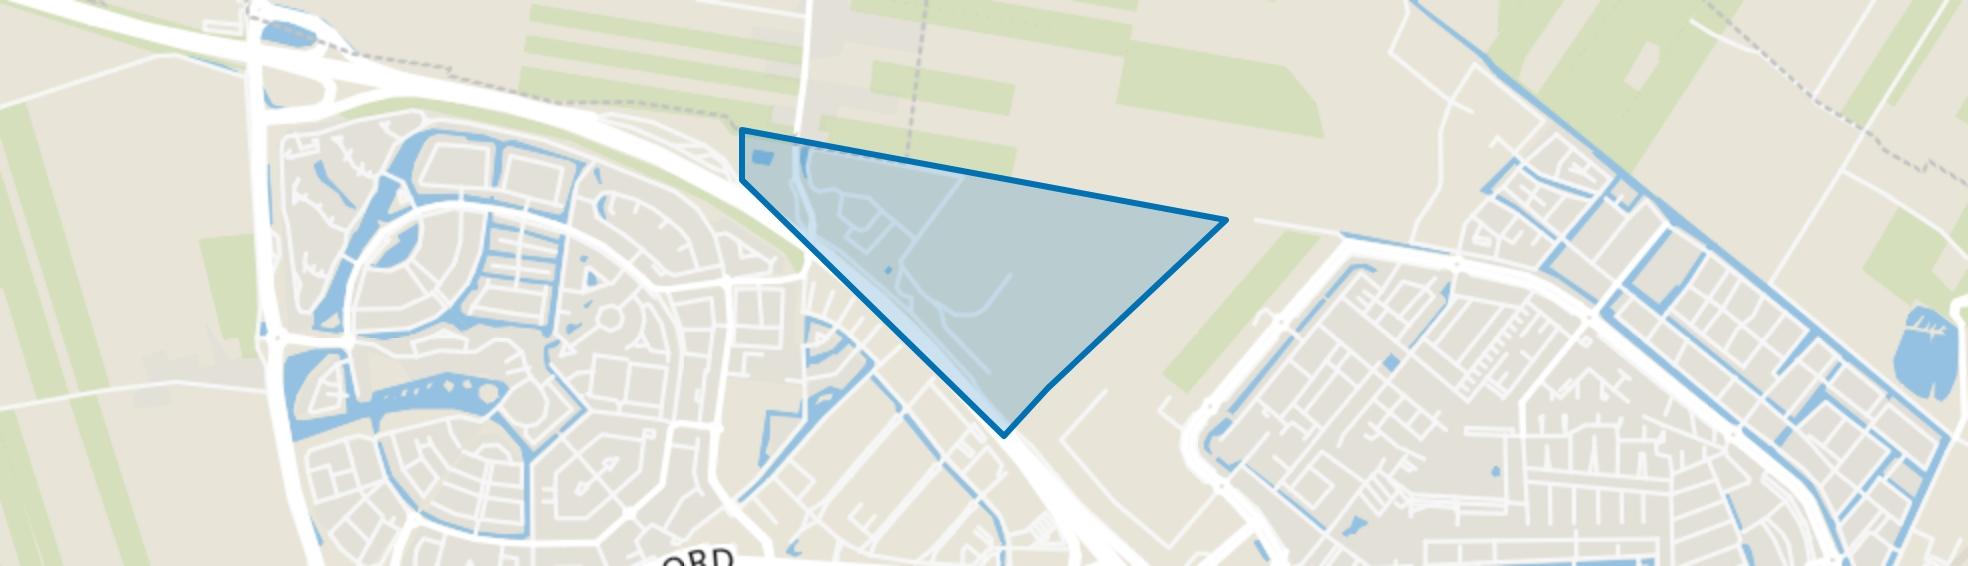 Lindeboomseweg, Amersfoort map